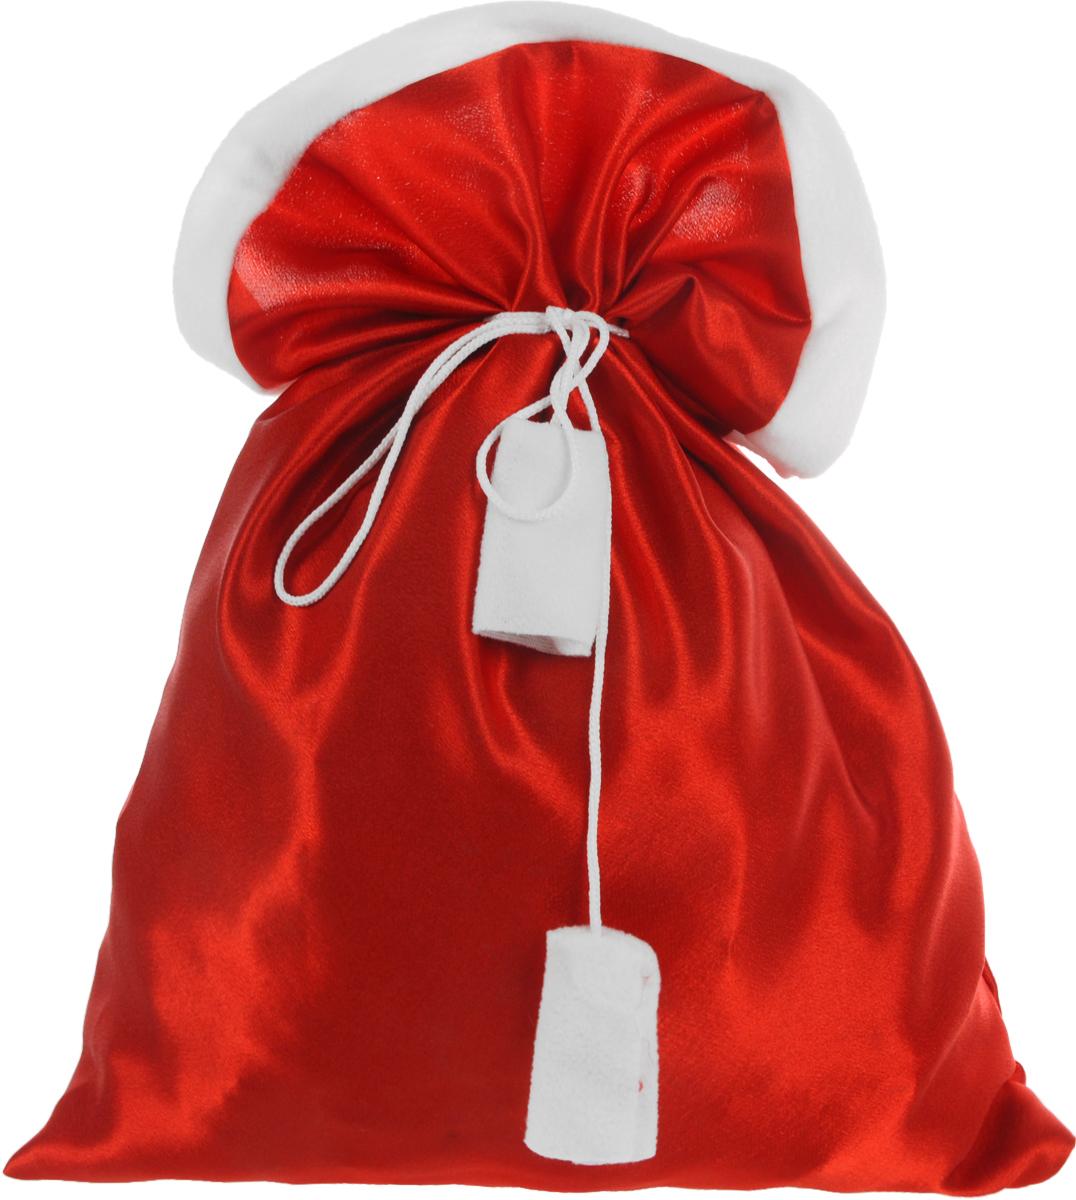 Мешок для подарков Eva, цвет: красный, 37 см х 50 смА101Мешок Eva, выполненный из полиэстера, предназначен для подарков. Мешок на завязках красного цвета, расшитый текстильными лентами, предназначен для подарков. Такой аксессуар особенно актуален в преддверии новогодних праздников. Откройте для себя удивительный мир сказок и грез. Почувствуйте волшебные минуты ожидания праздника, создайте новогоднее настроение вашим дорогим и близким.